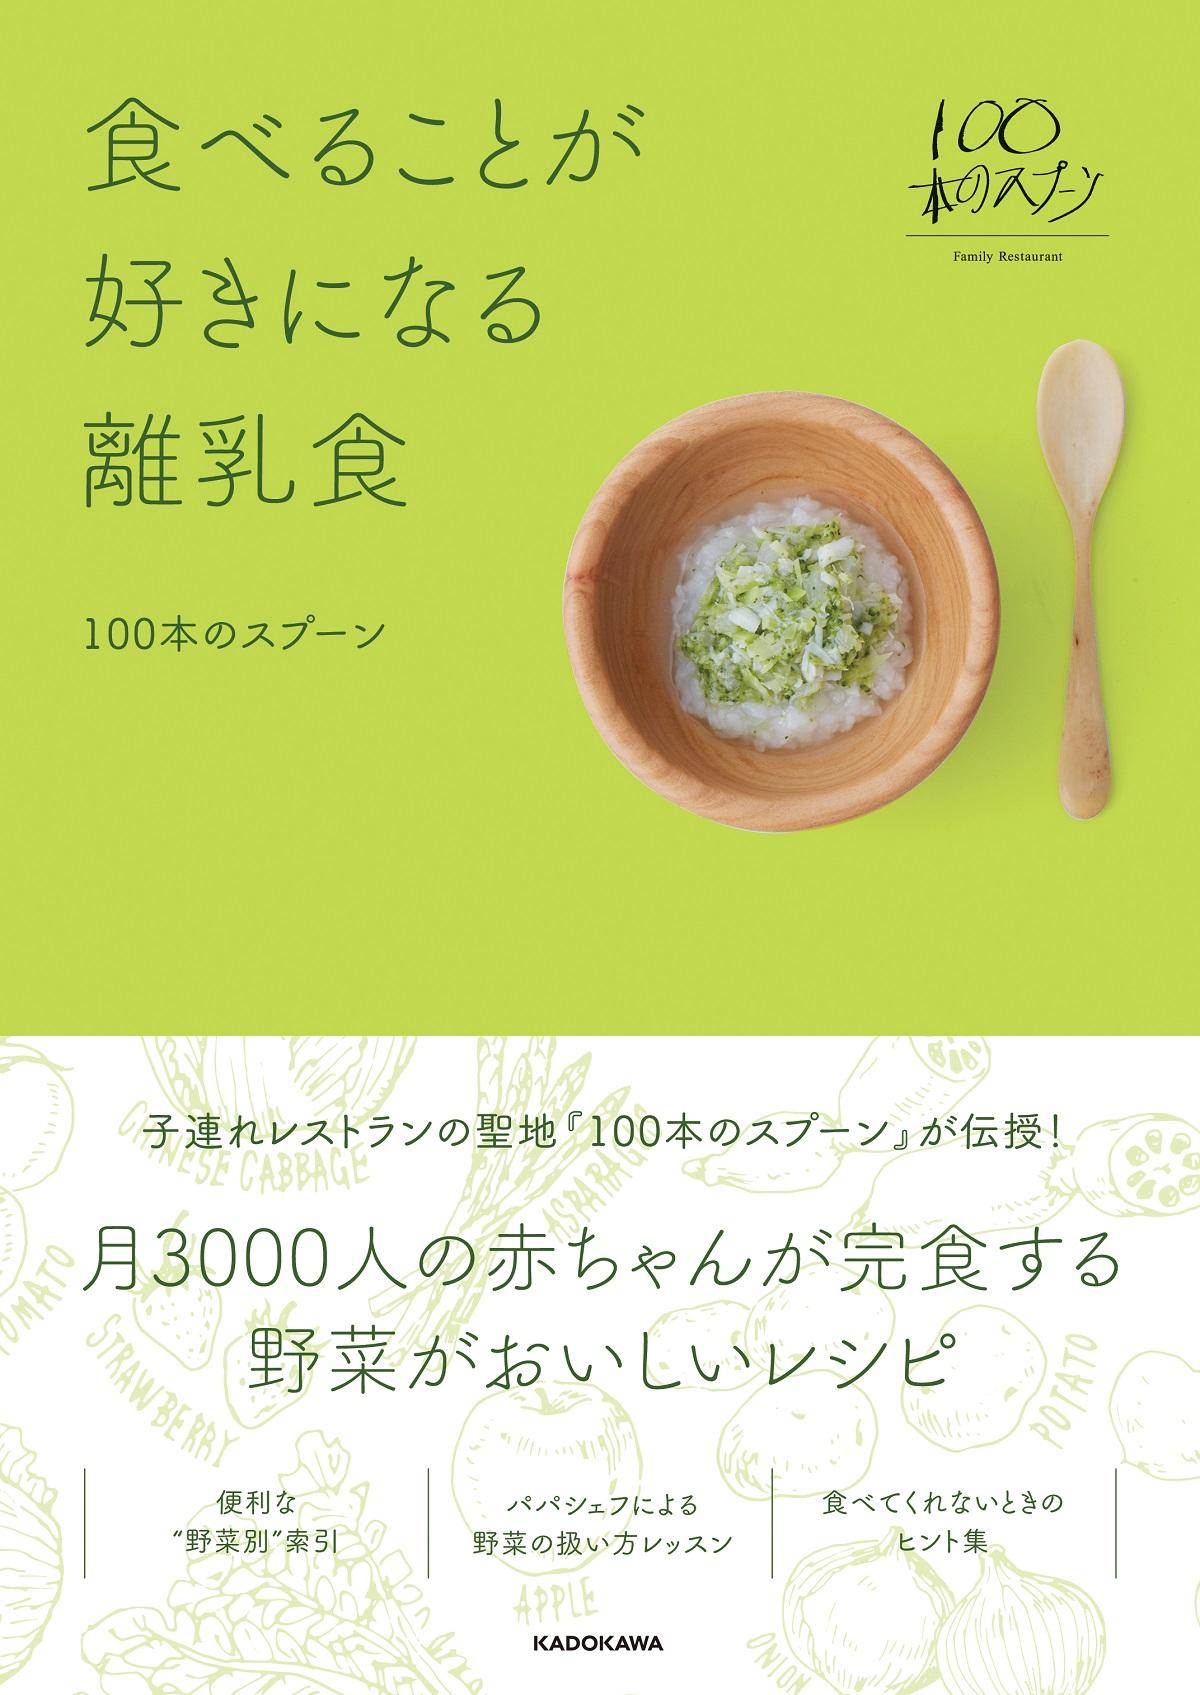 〈100本のスプーン〉離乳食のレシピ本「食べることが好きになる離乳食」出版